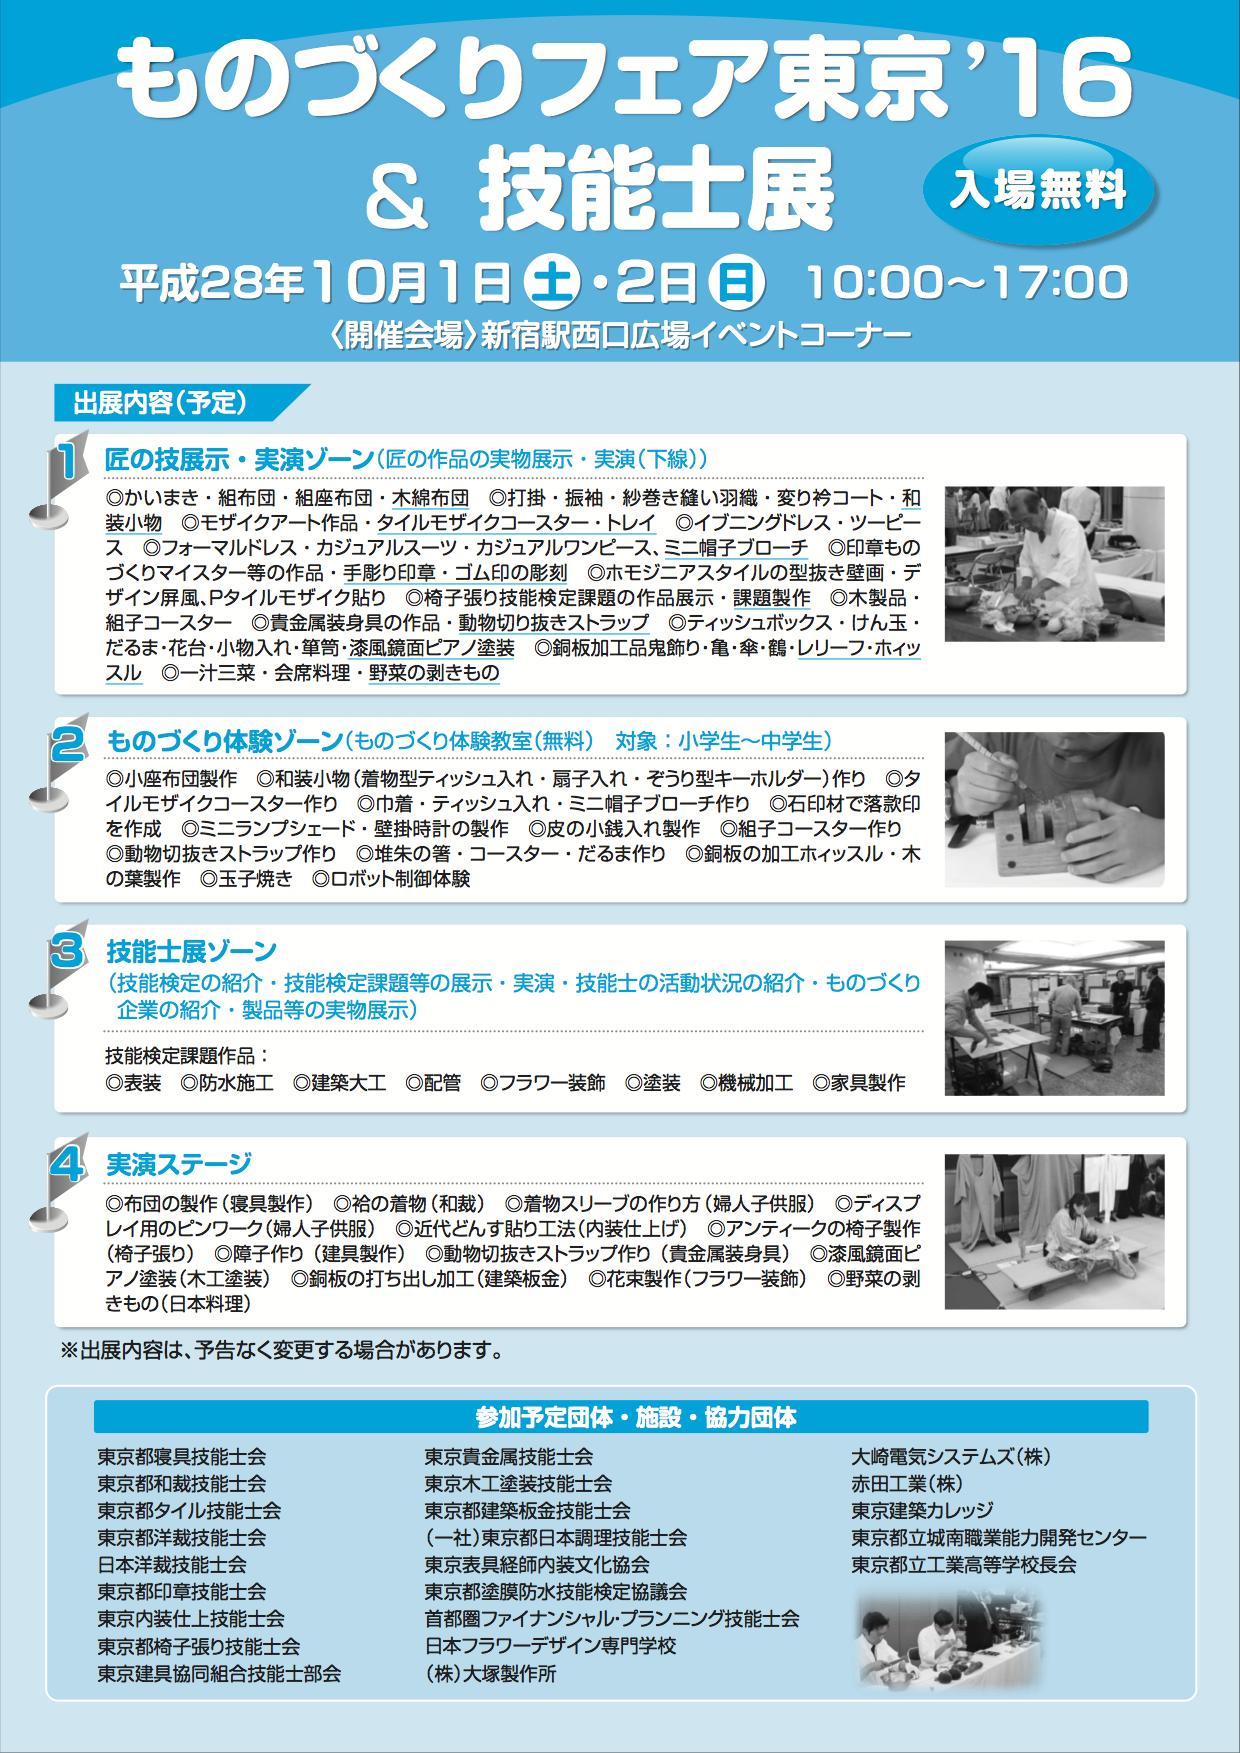 ものづくりフェア東京'16&技能士展3